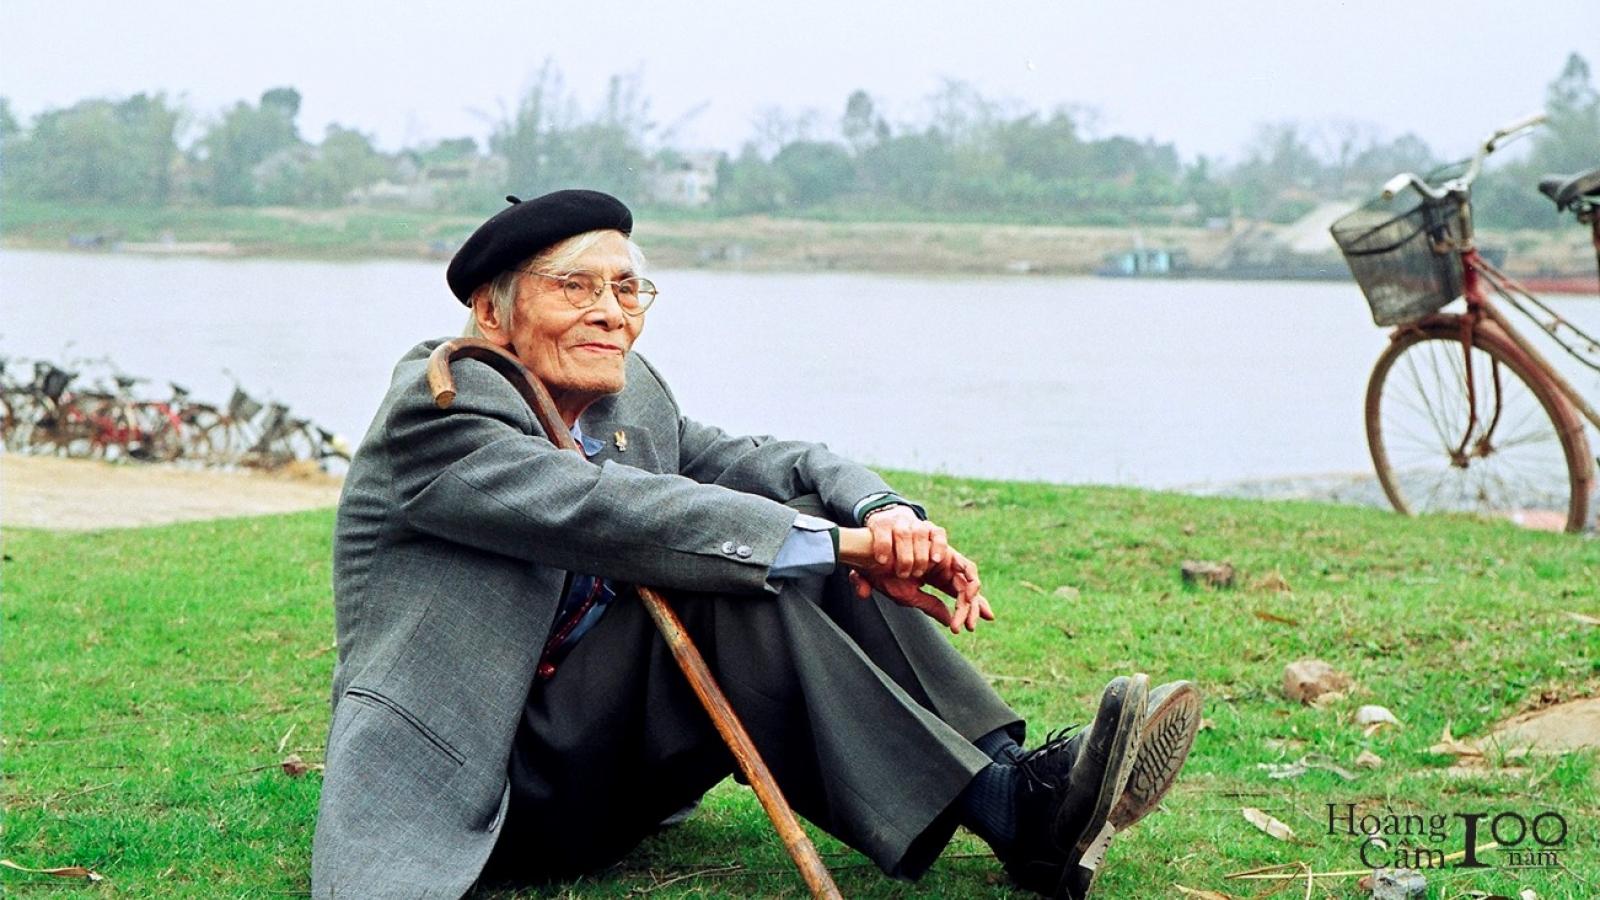 Chuỗi sự kiện kỷ niệm 100 năm ngày sinh thi sỹ Hoàng Cầm